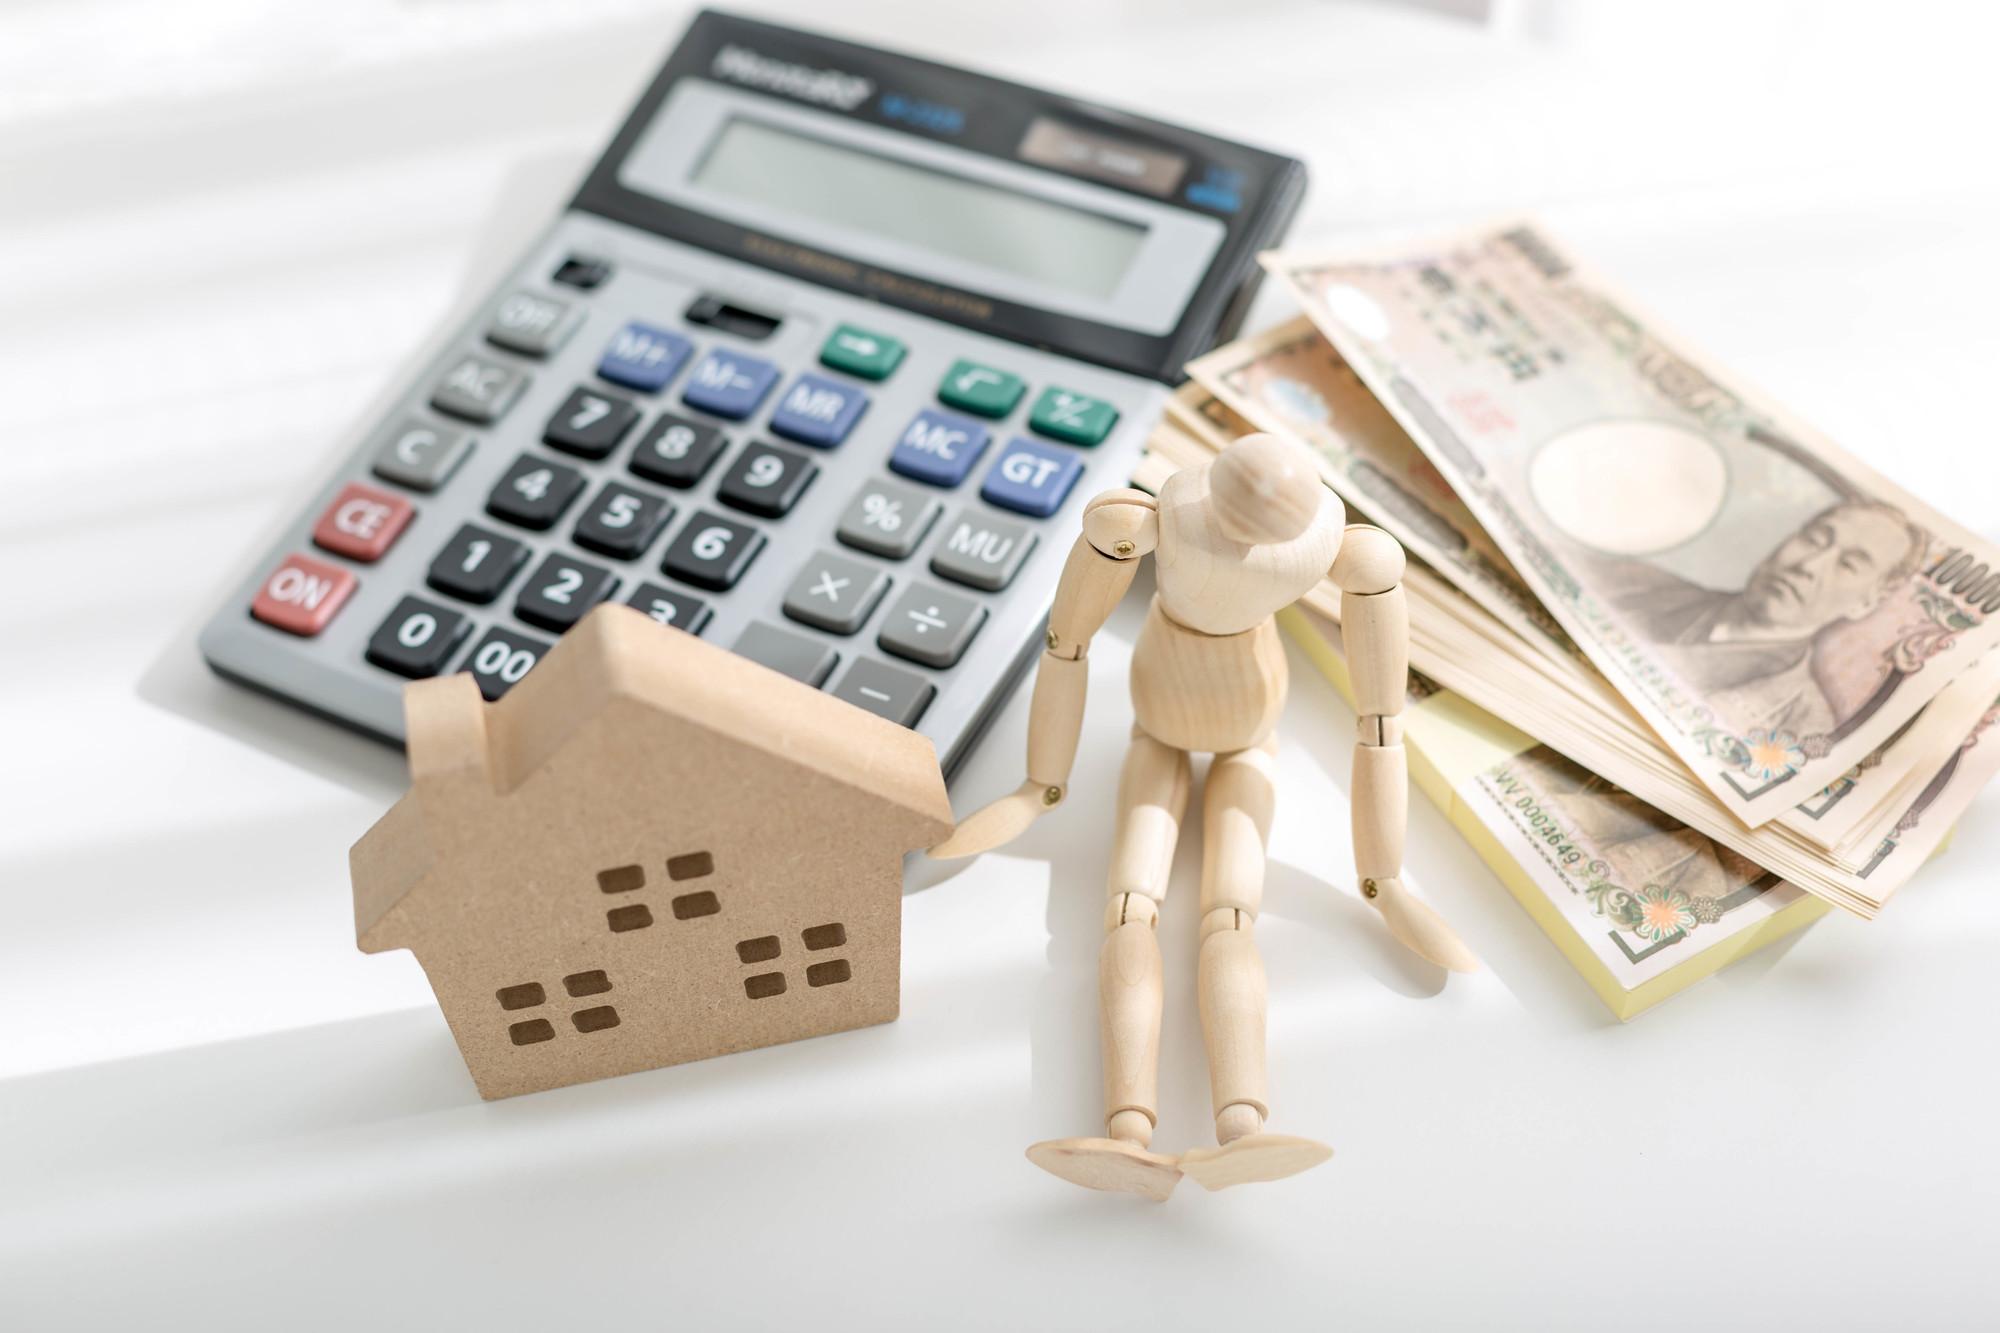 あなたの年収はいくらお金を借りられる?マイホームを買いたい人は必見!